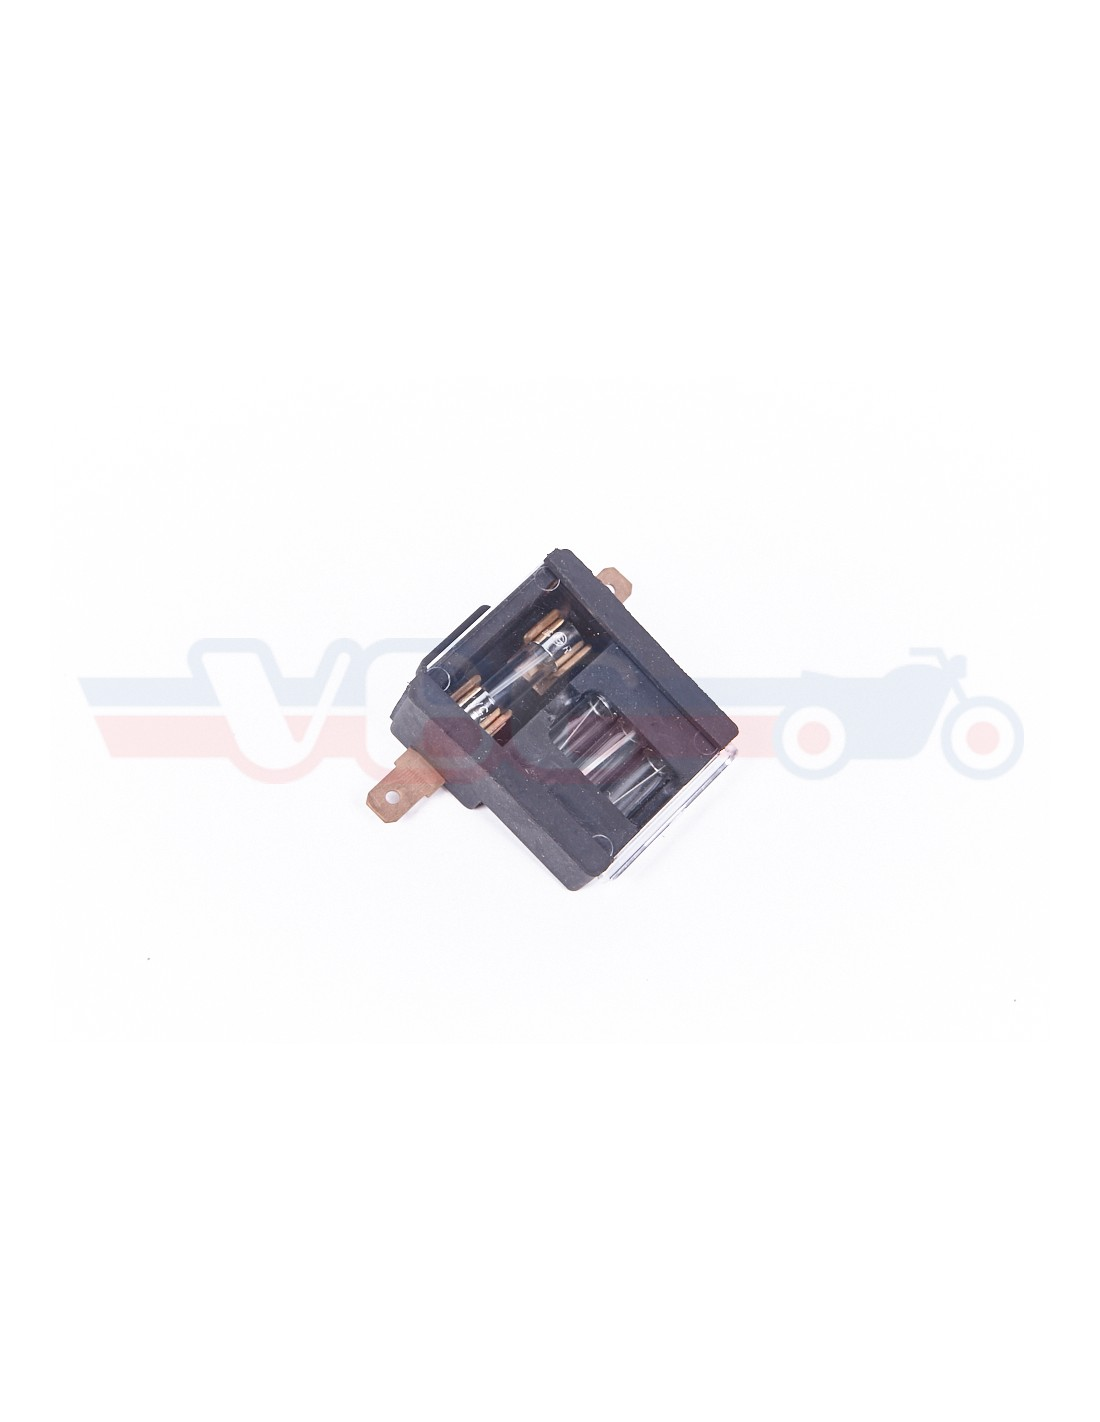 Boitier Fusible K0 K1 K2 300 000p Adaptable